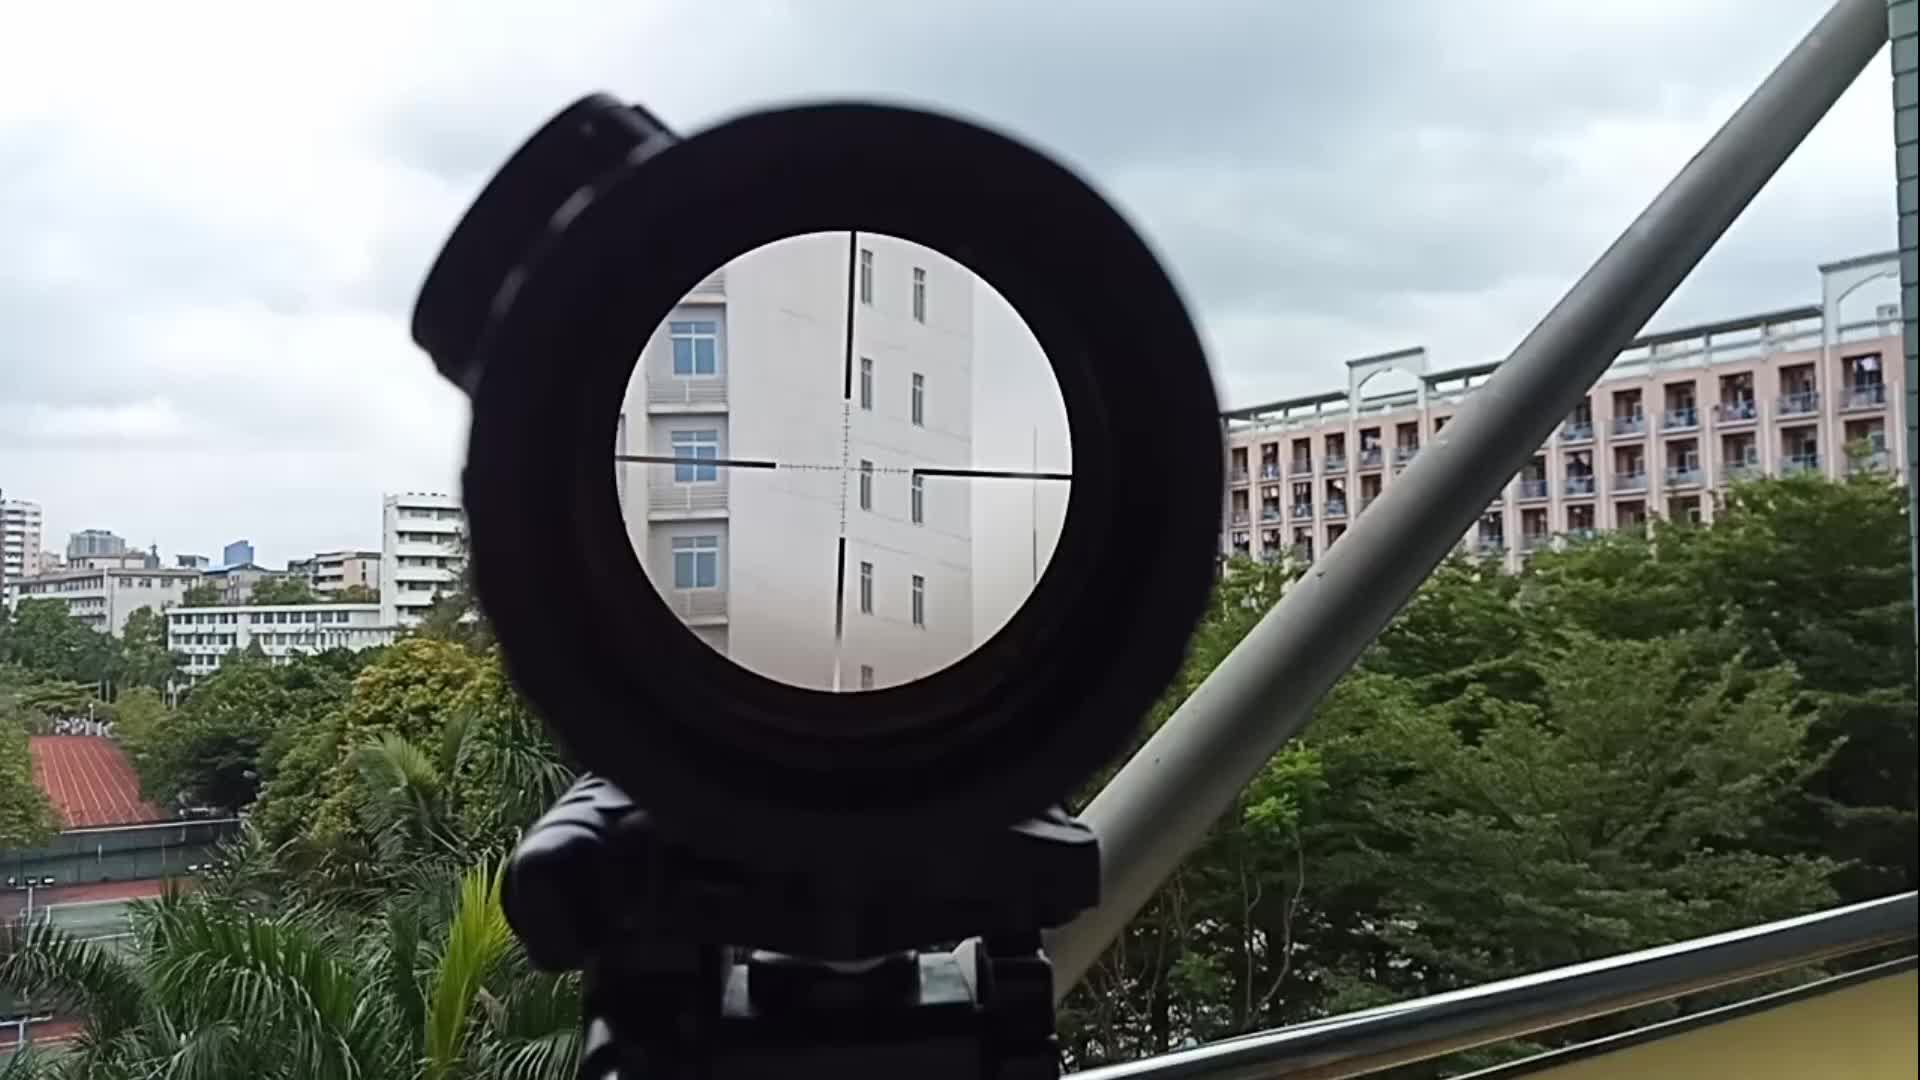 शूटिंग 4-16X44 ऑप्टिकल दृष्टि पक्ष लंबन समायोजन हवा riflescopes गन हथियार शिकार राइफल गुंजाइश